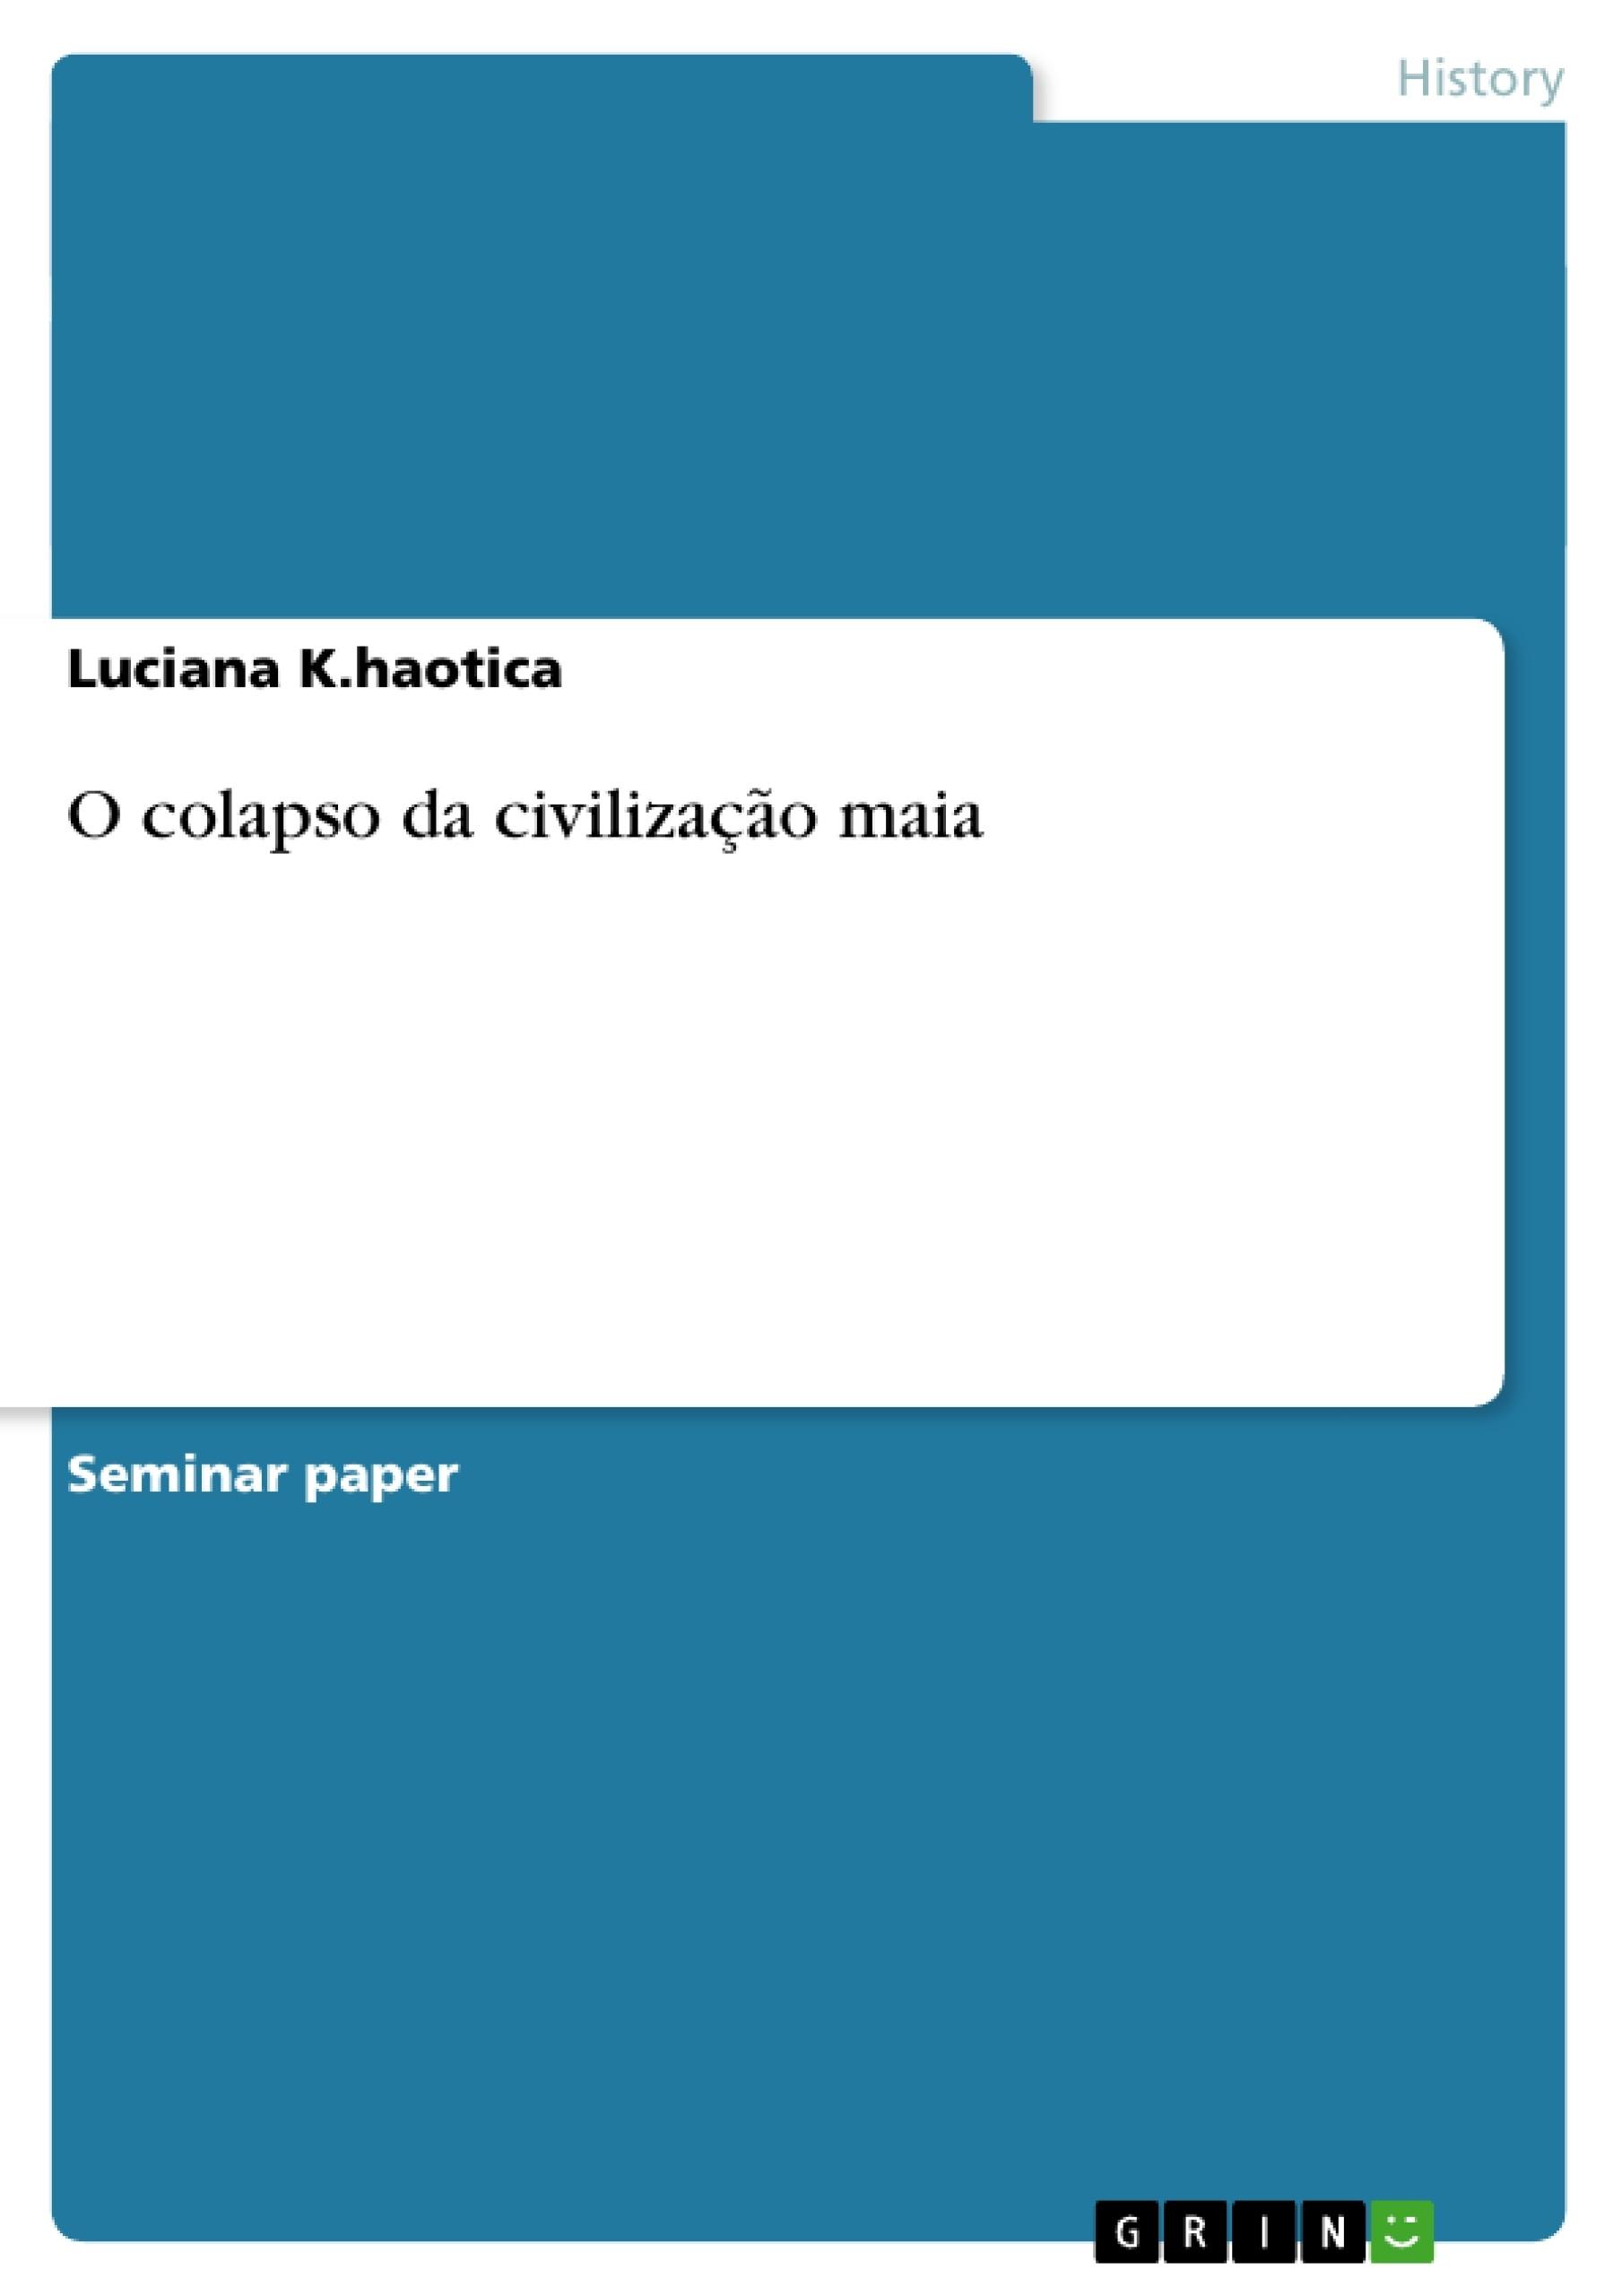 Title: O colapso da civilização maia